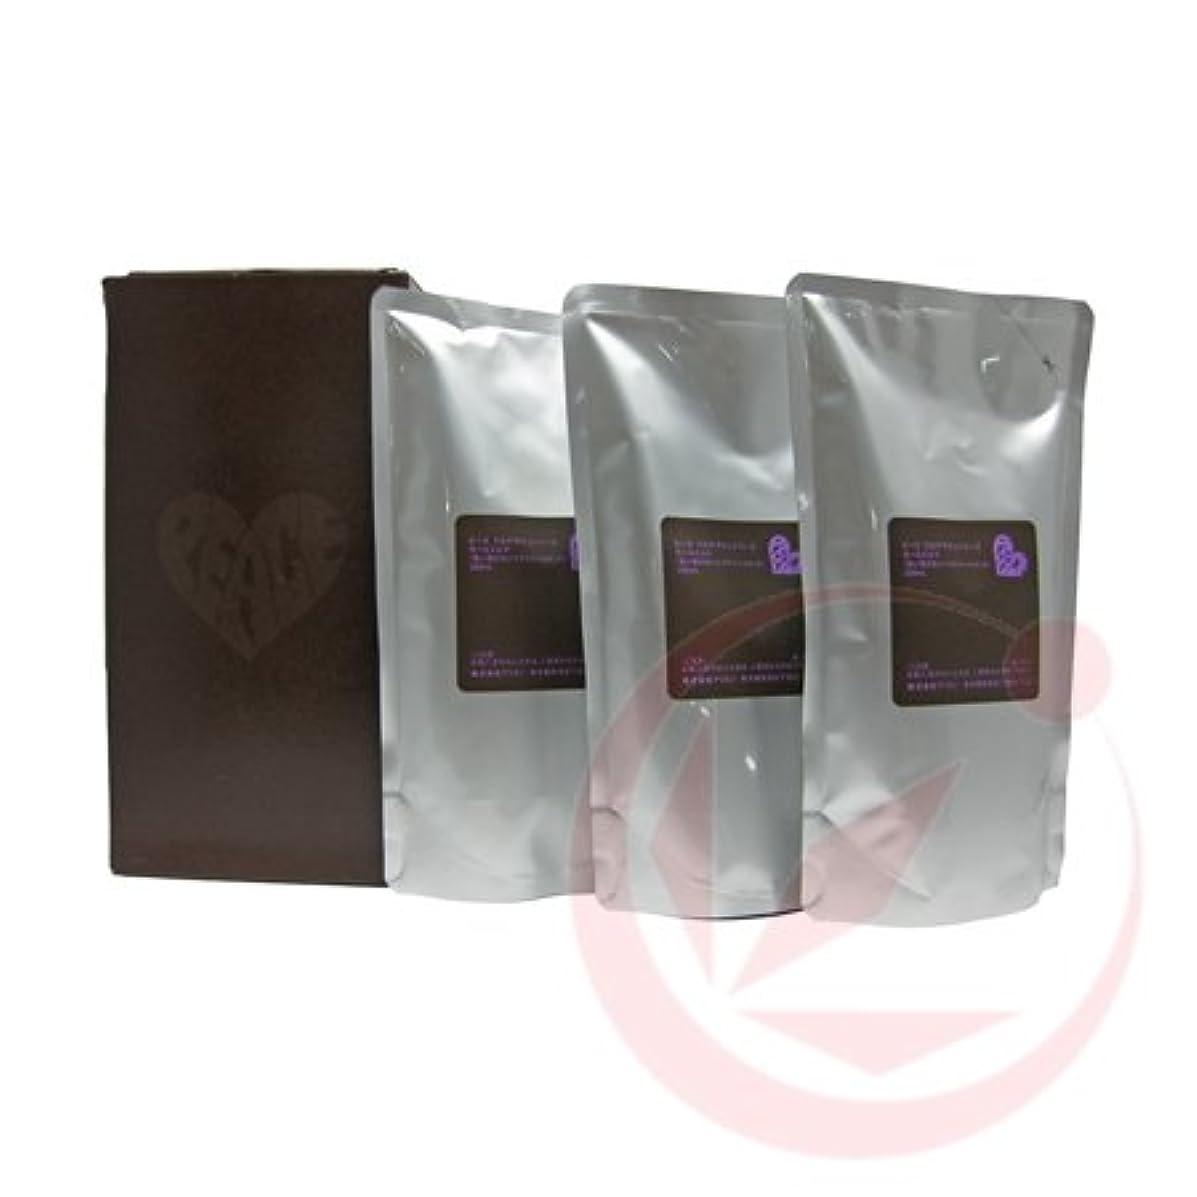 報酬地上でプレミアアリミノ ピース カールmilk ミルク(チョコ) 200ml(業務?詰替用)×3個入り